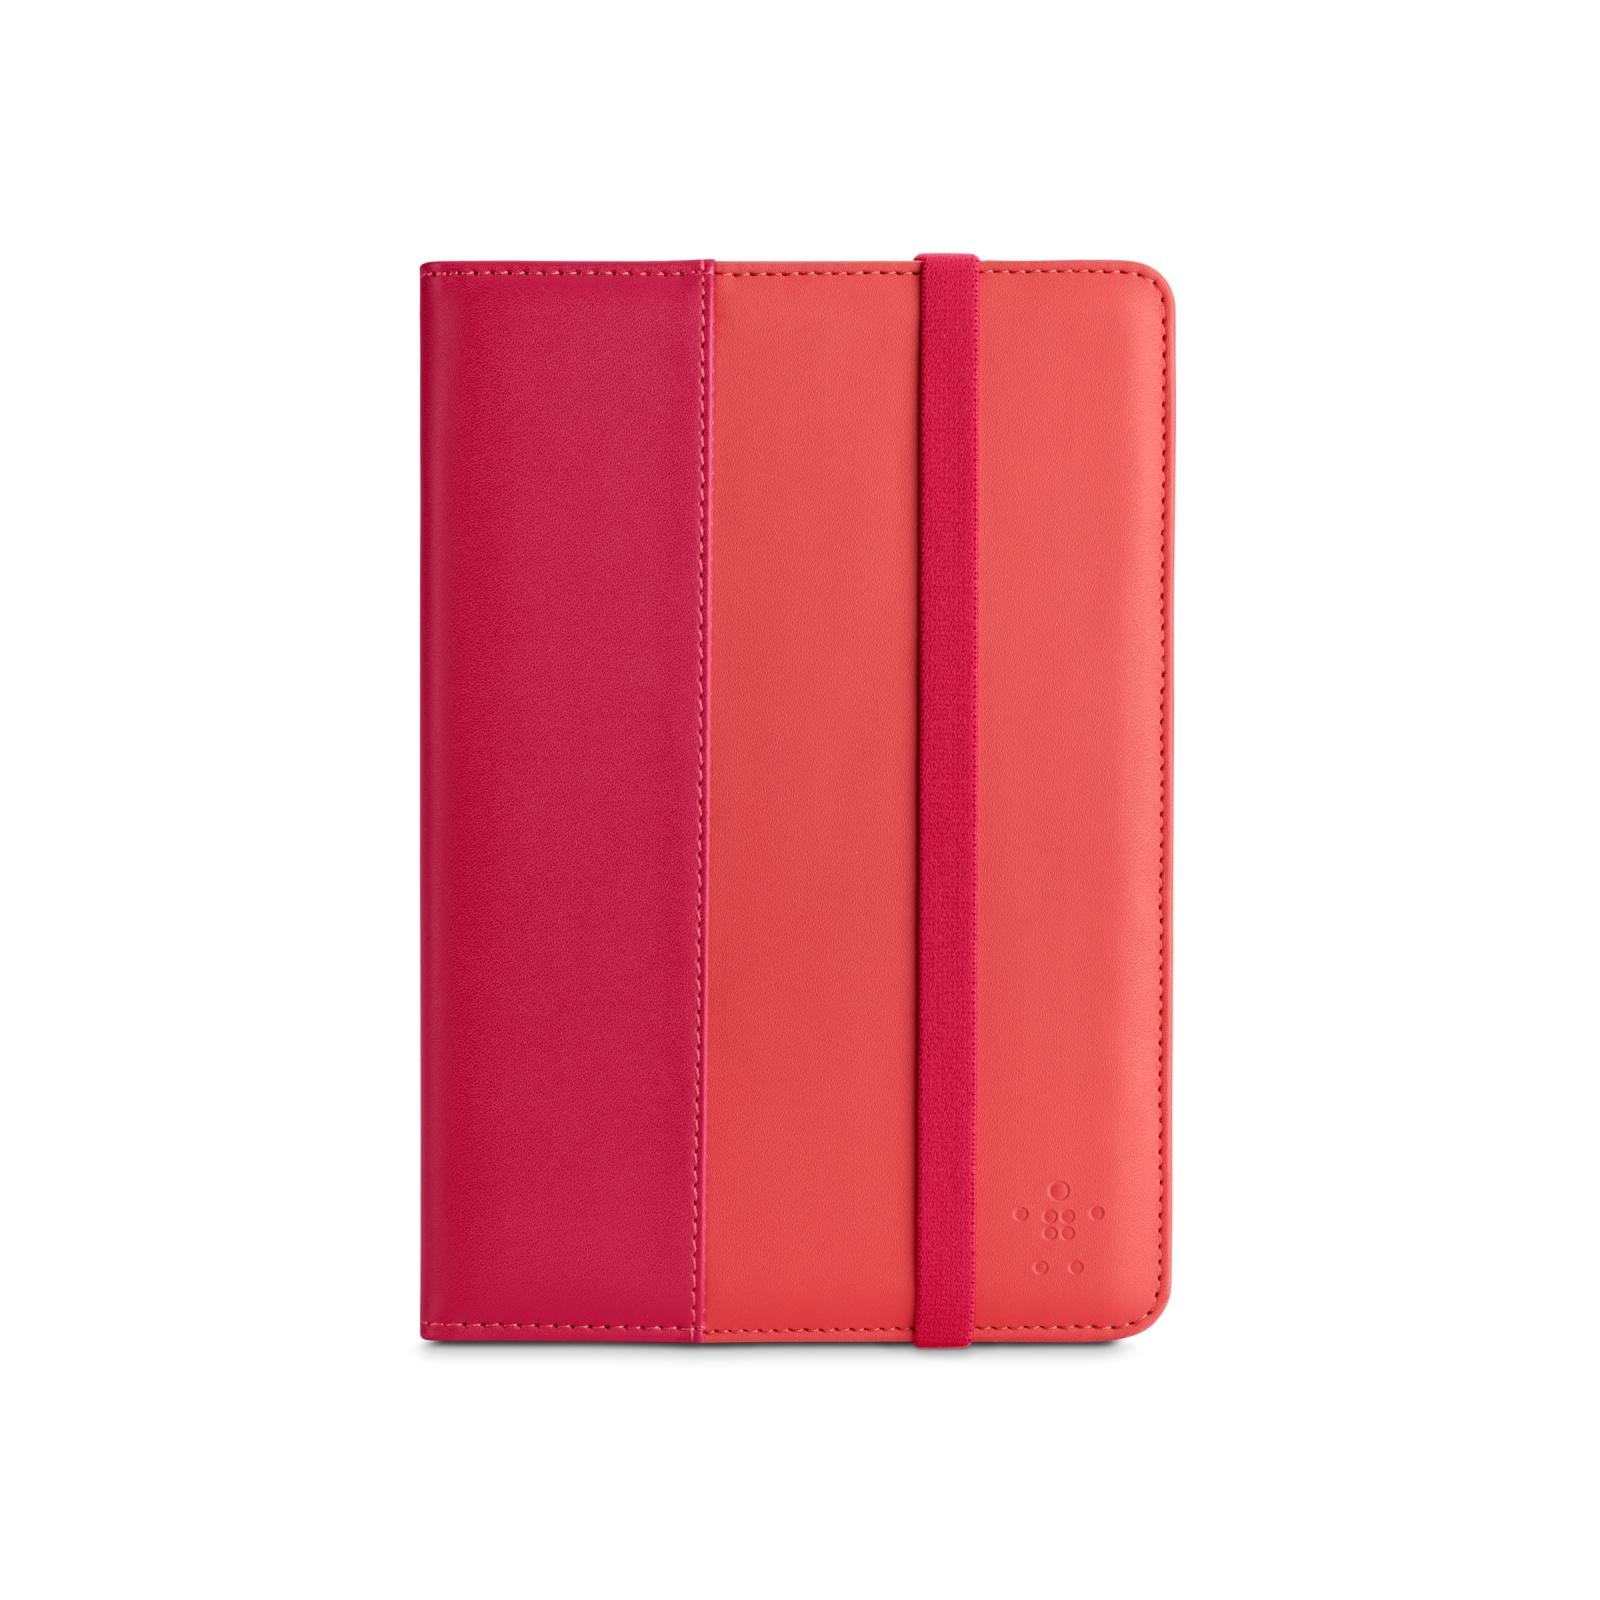 Чехол для планшета Belkin iPad mini Classic Strap Cover Stand/pink (F7N037vfC01)